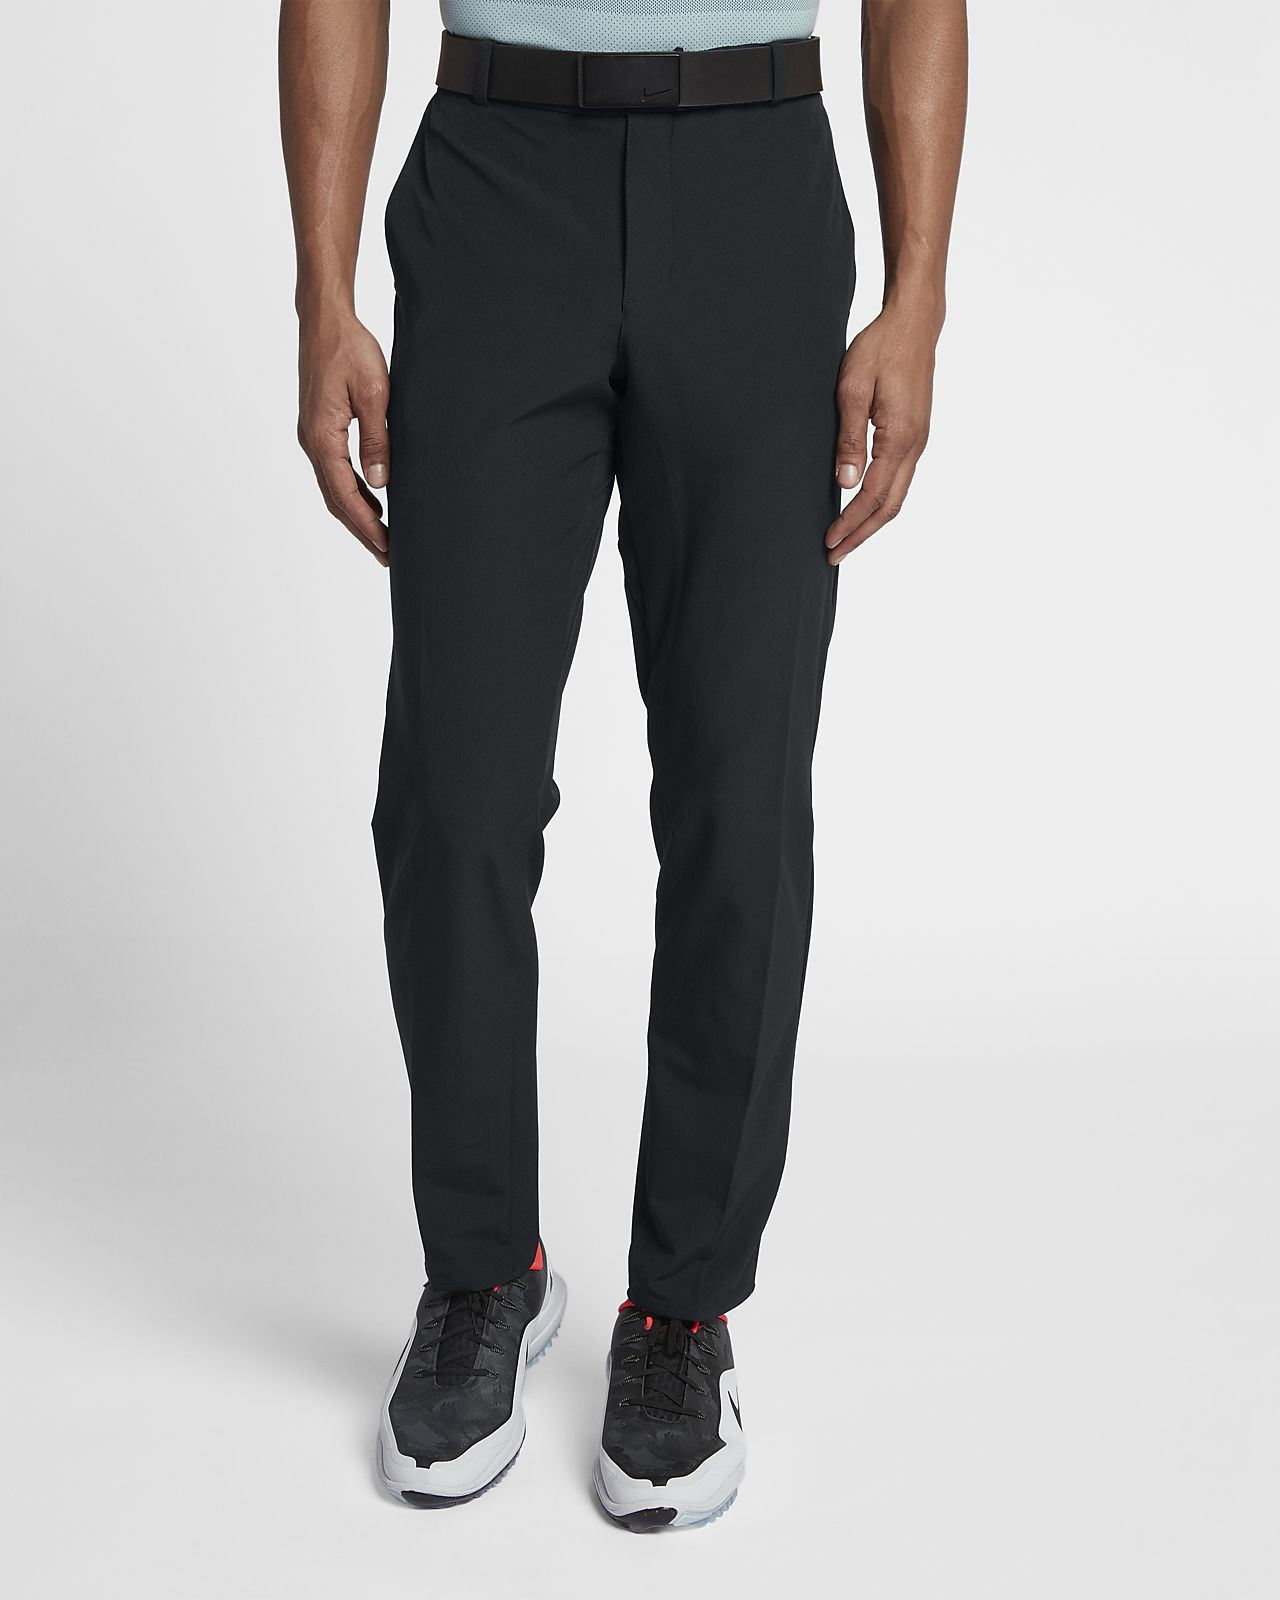 Мужские брюки для гольфа с плотной посадкой Nike Flex